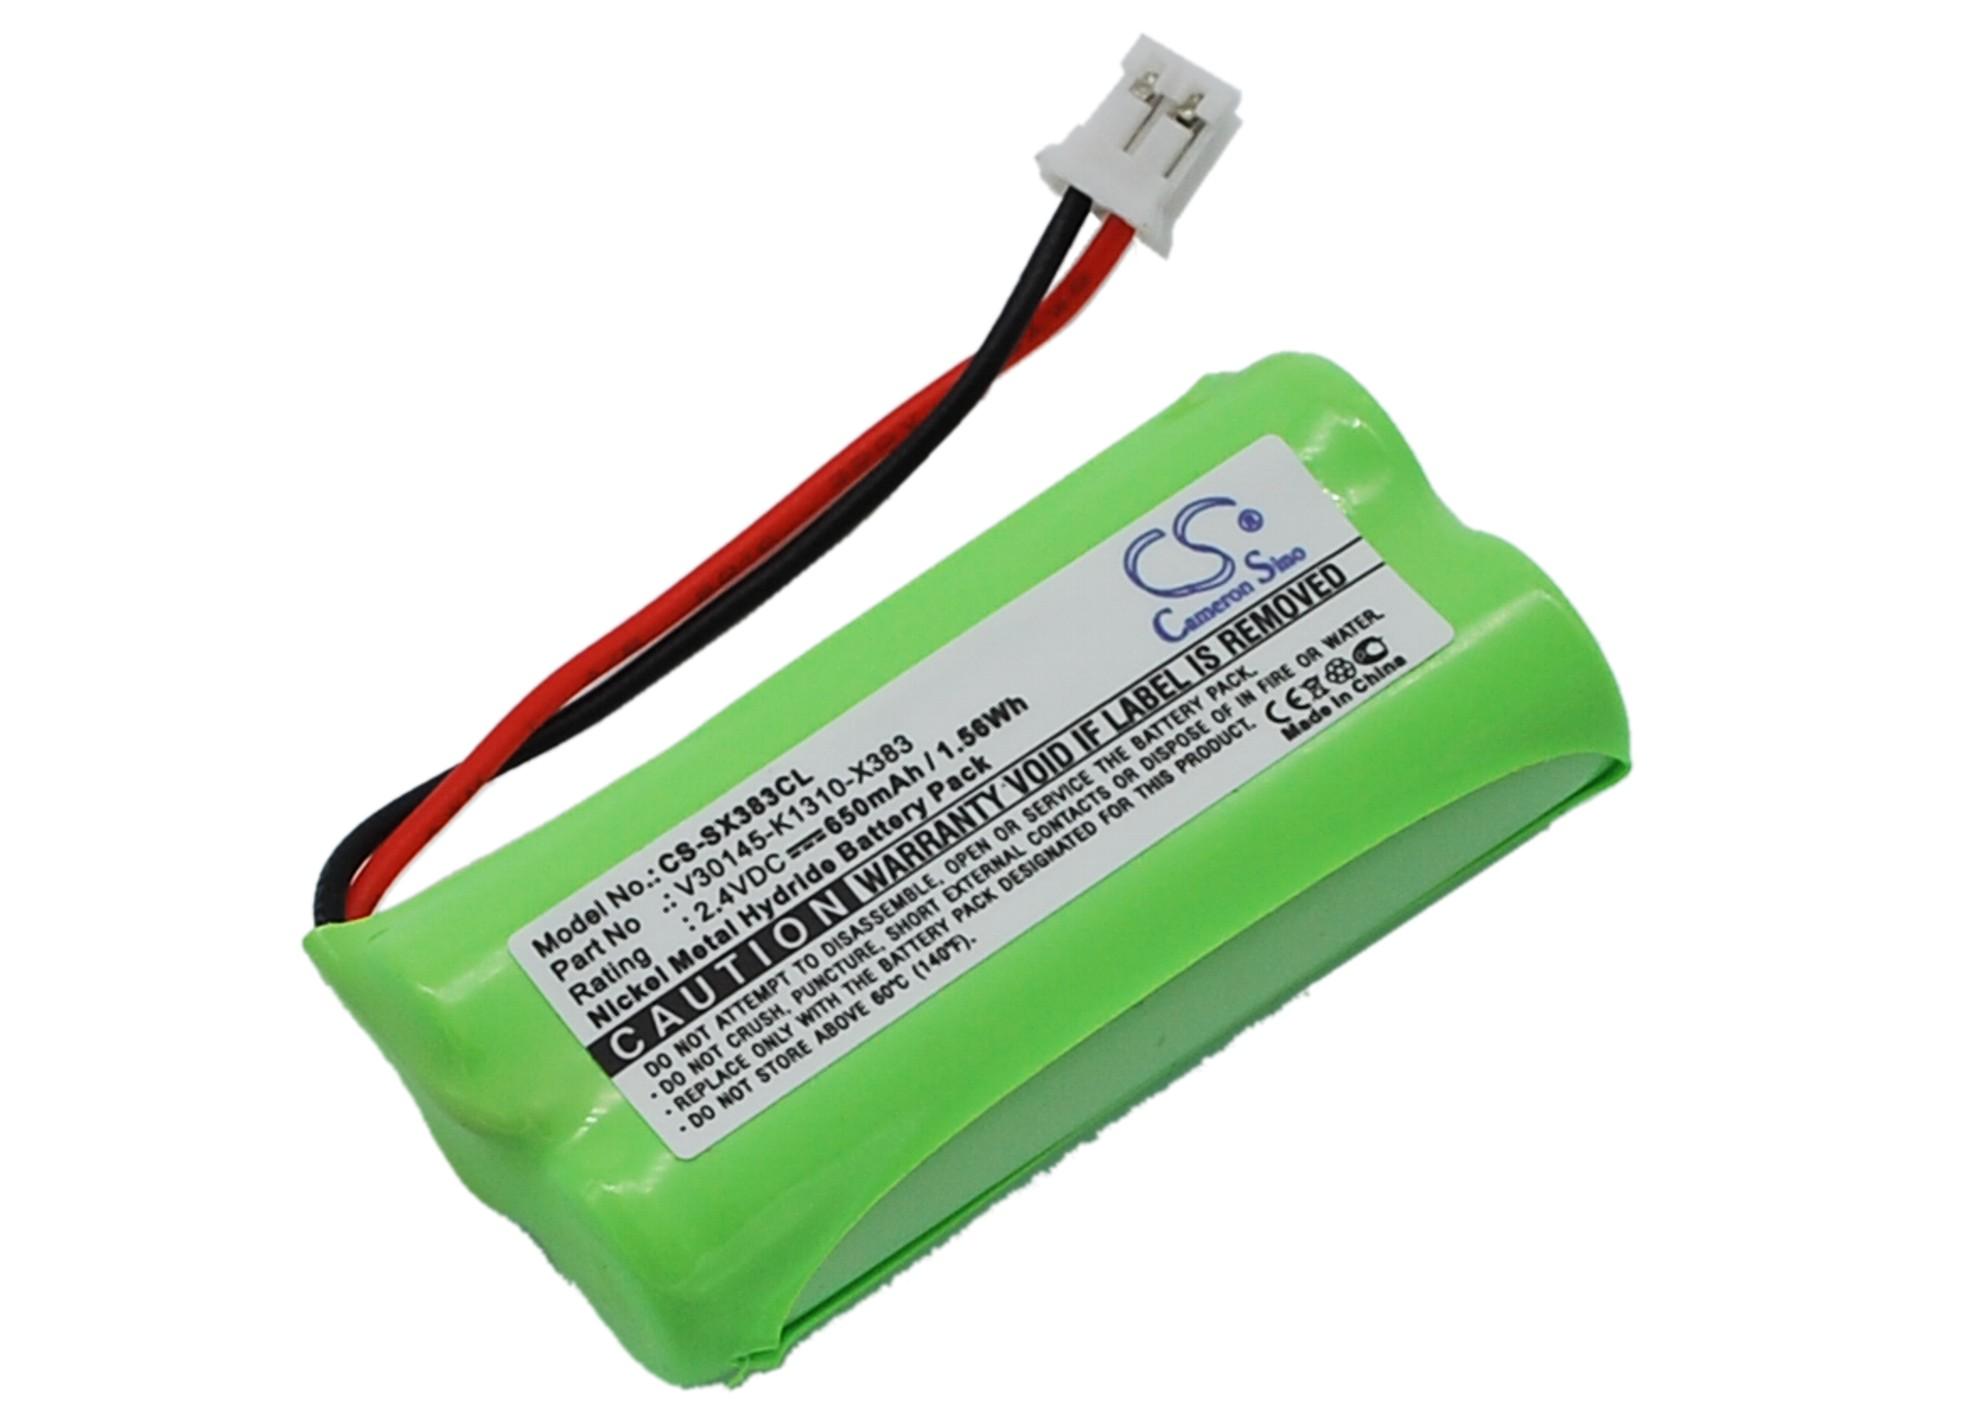 Cameron Sino baterie do bezdrátových telefonů pro SIEMENS Gigaset A140 2.4V Ni-MH 650mAh černá - neoriginální